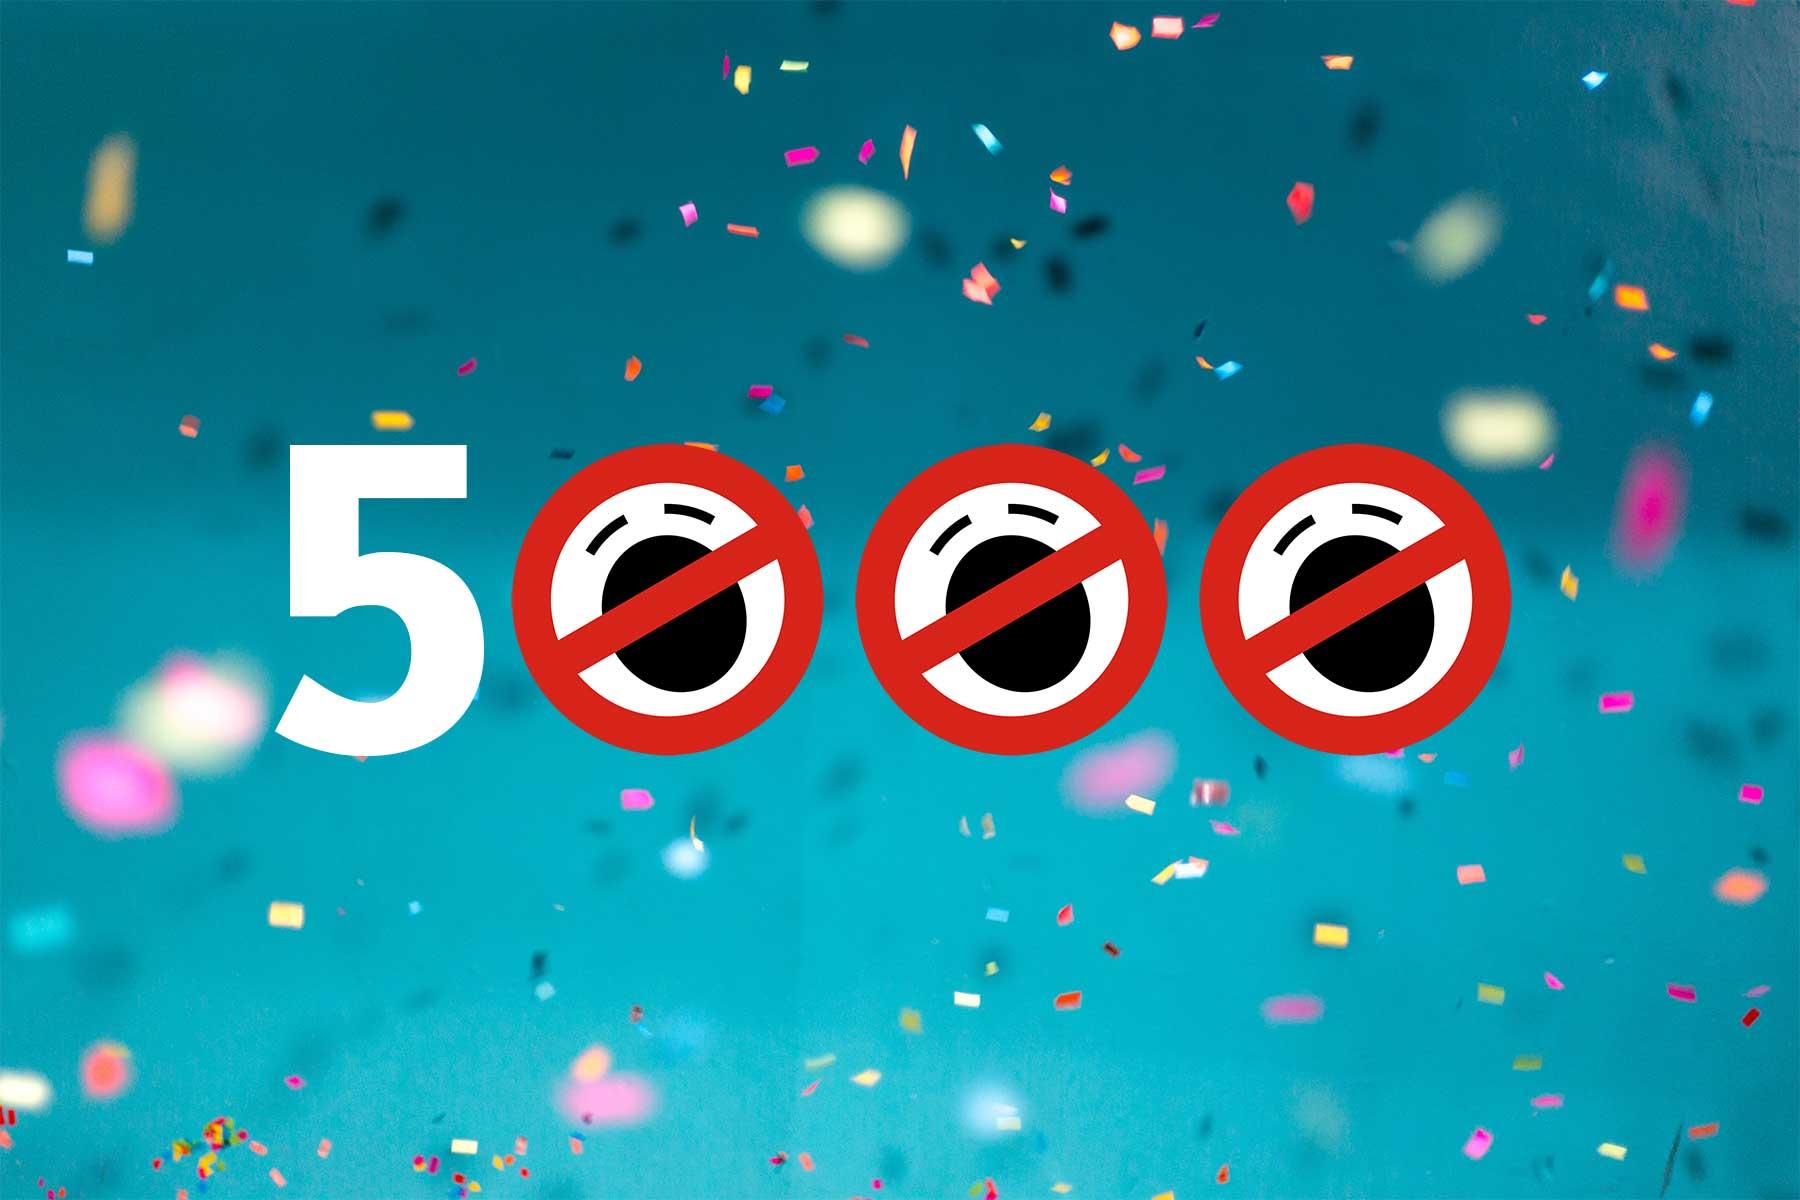 5.000 Tage LangweileDich.net! 5000-tage-lwdn